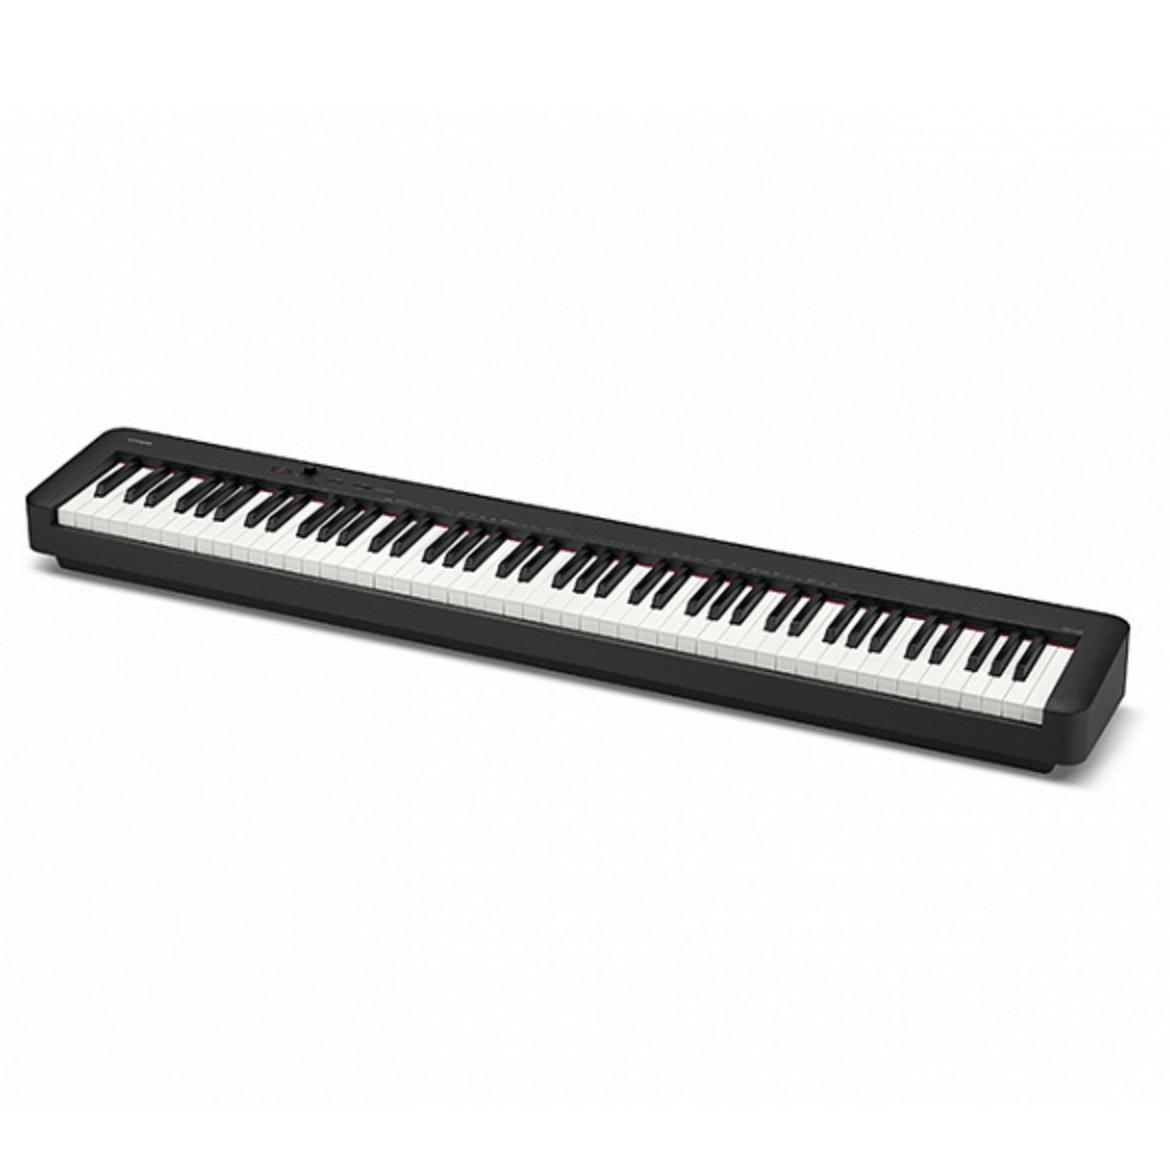 Купить Casio CDP-S150BK Цифровое фортепиано